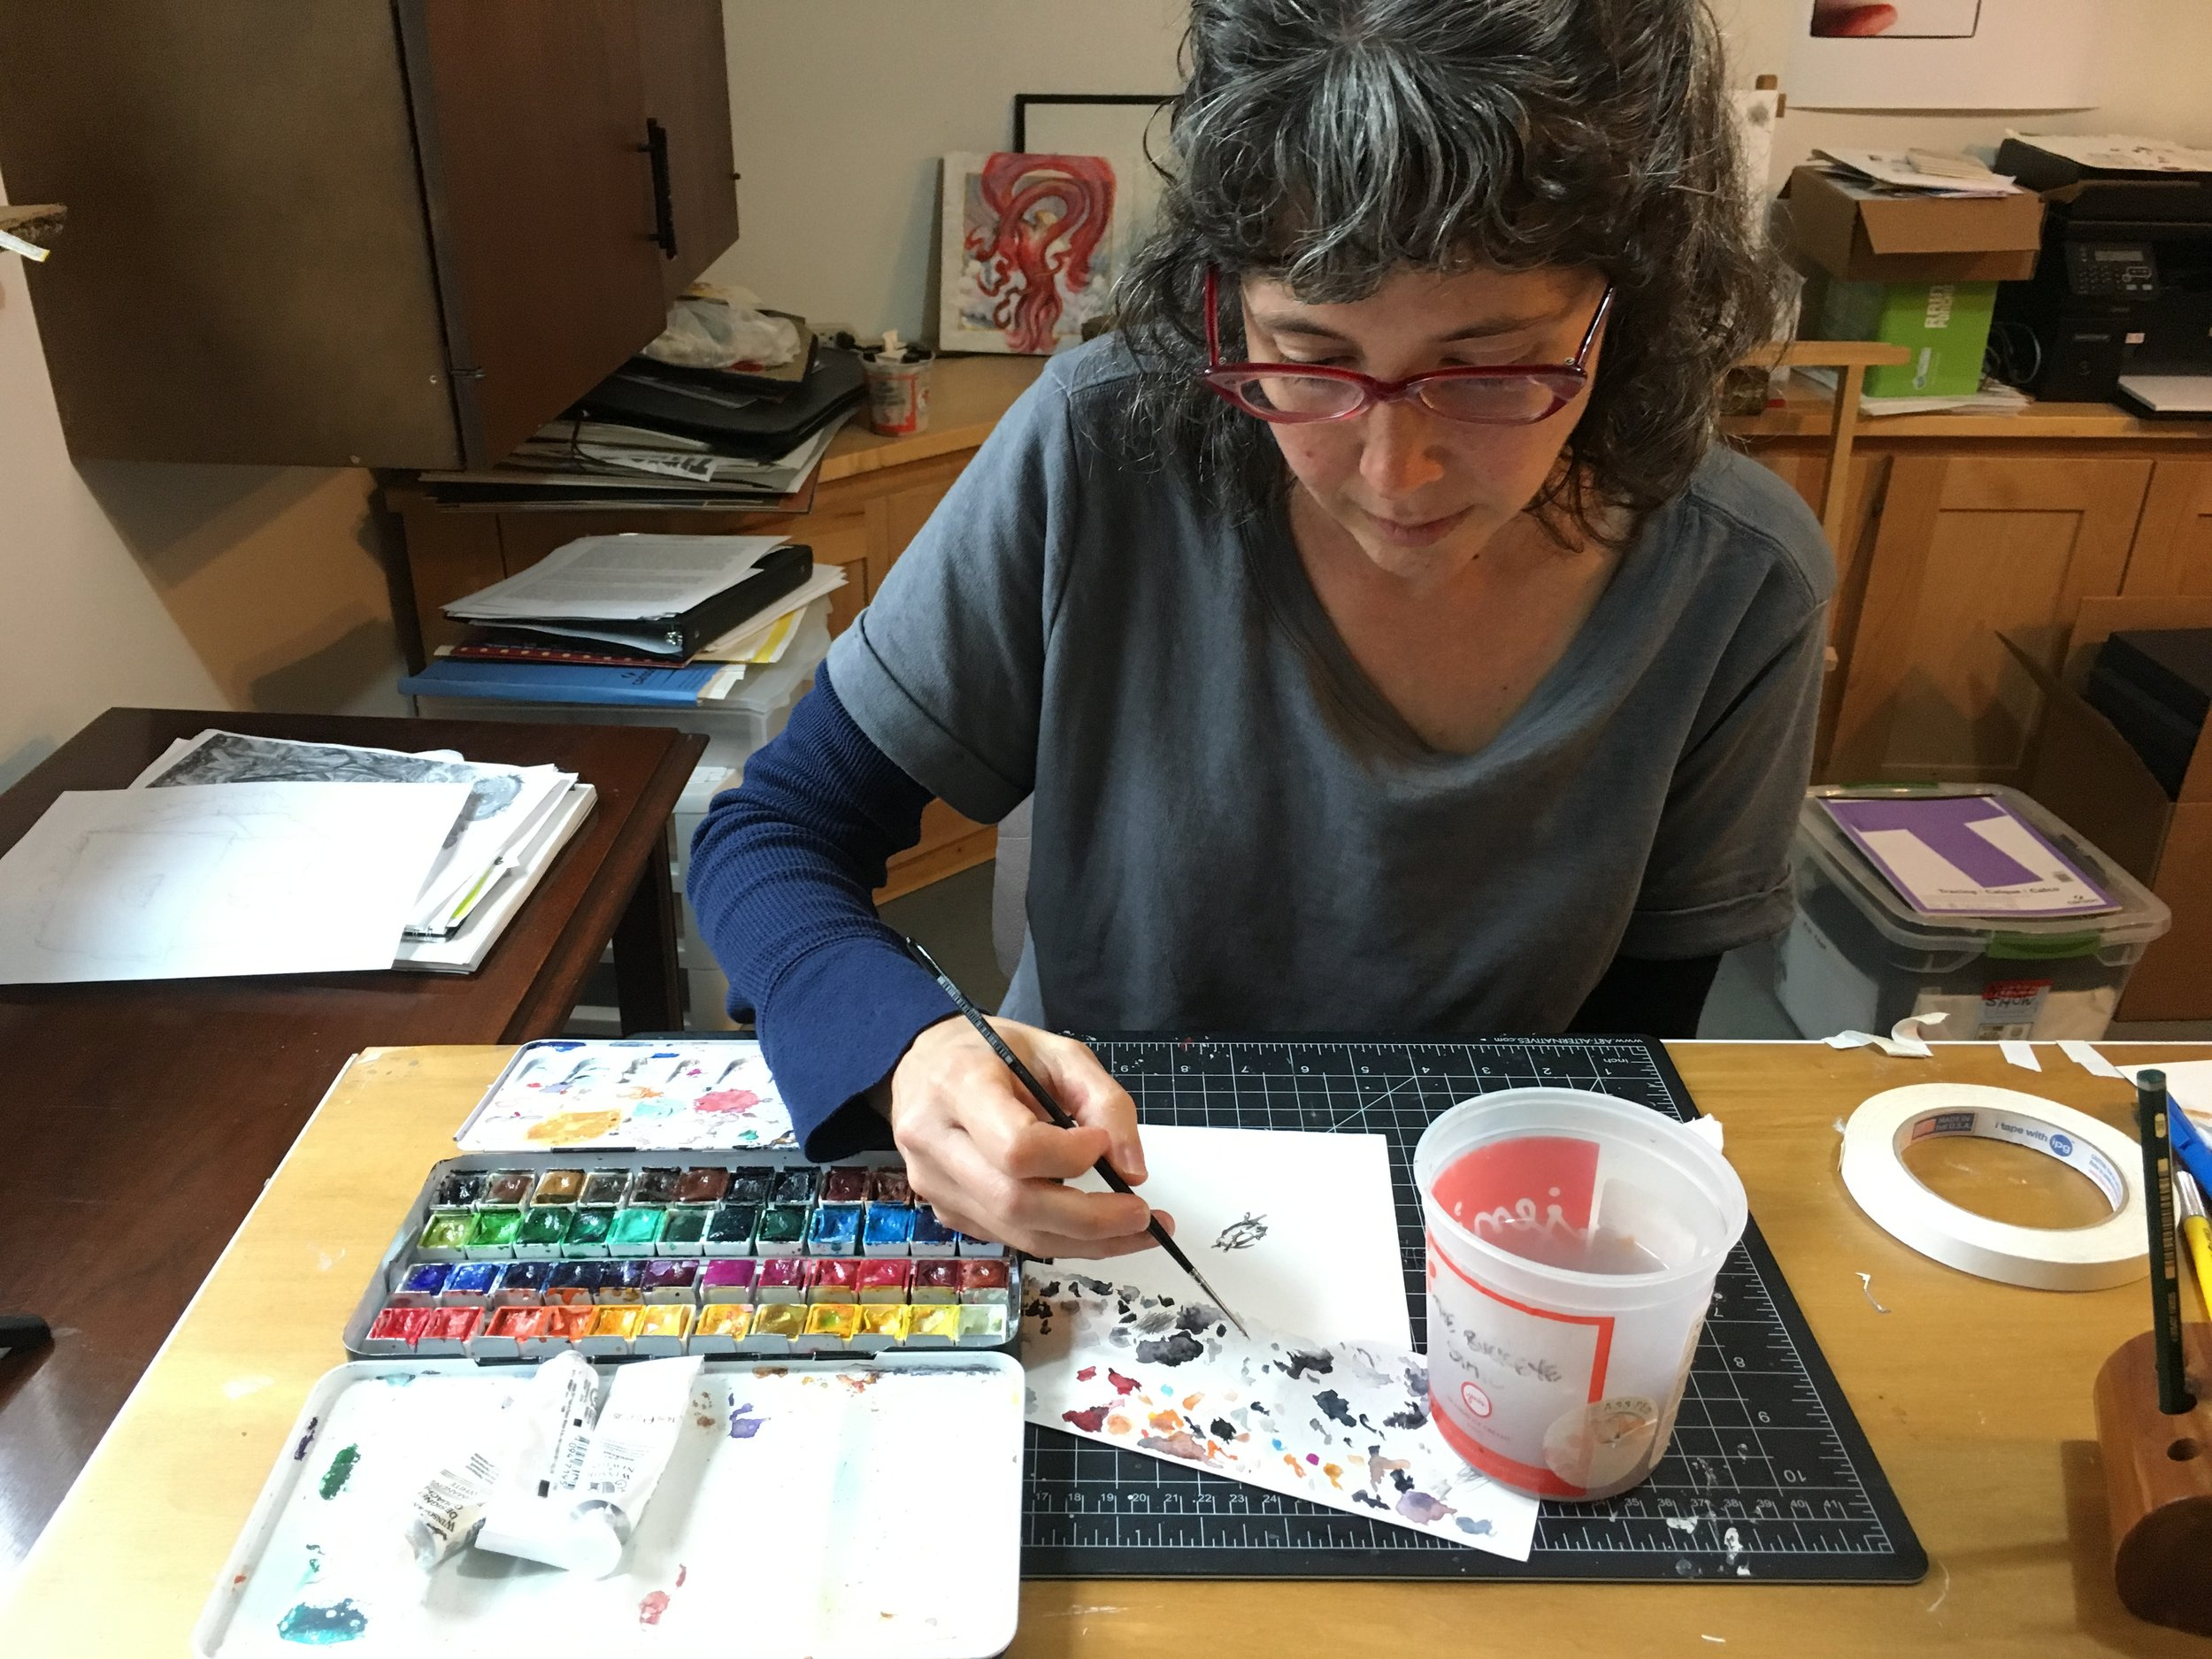 Brooke painting 2.JPG